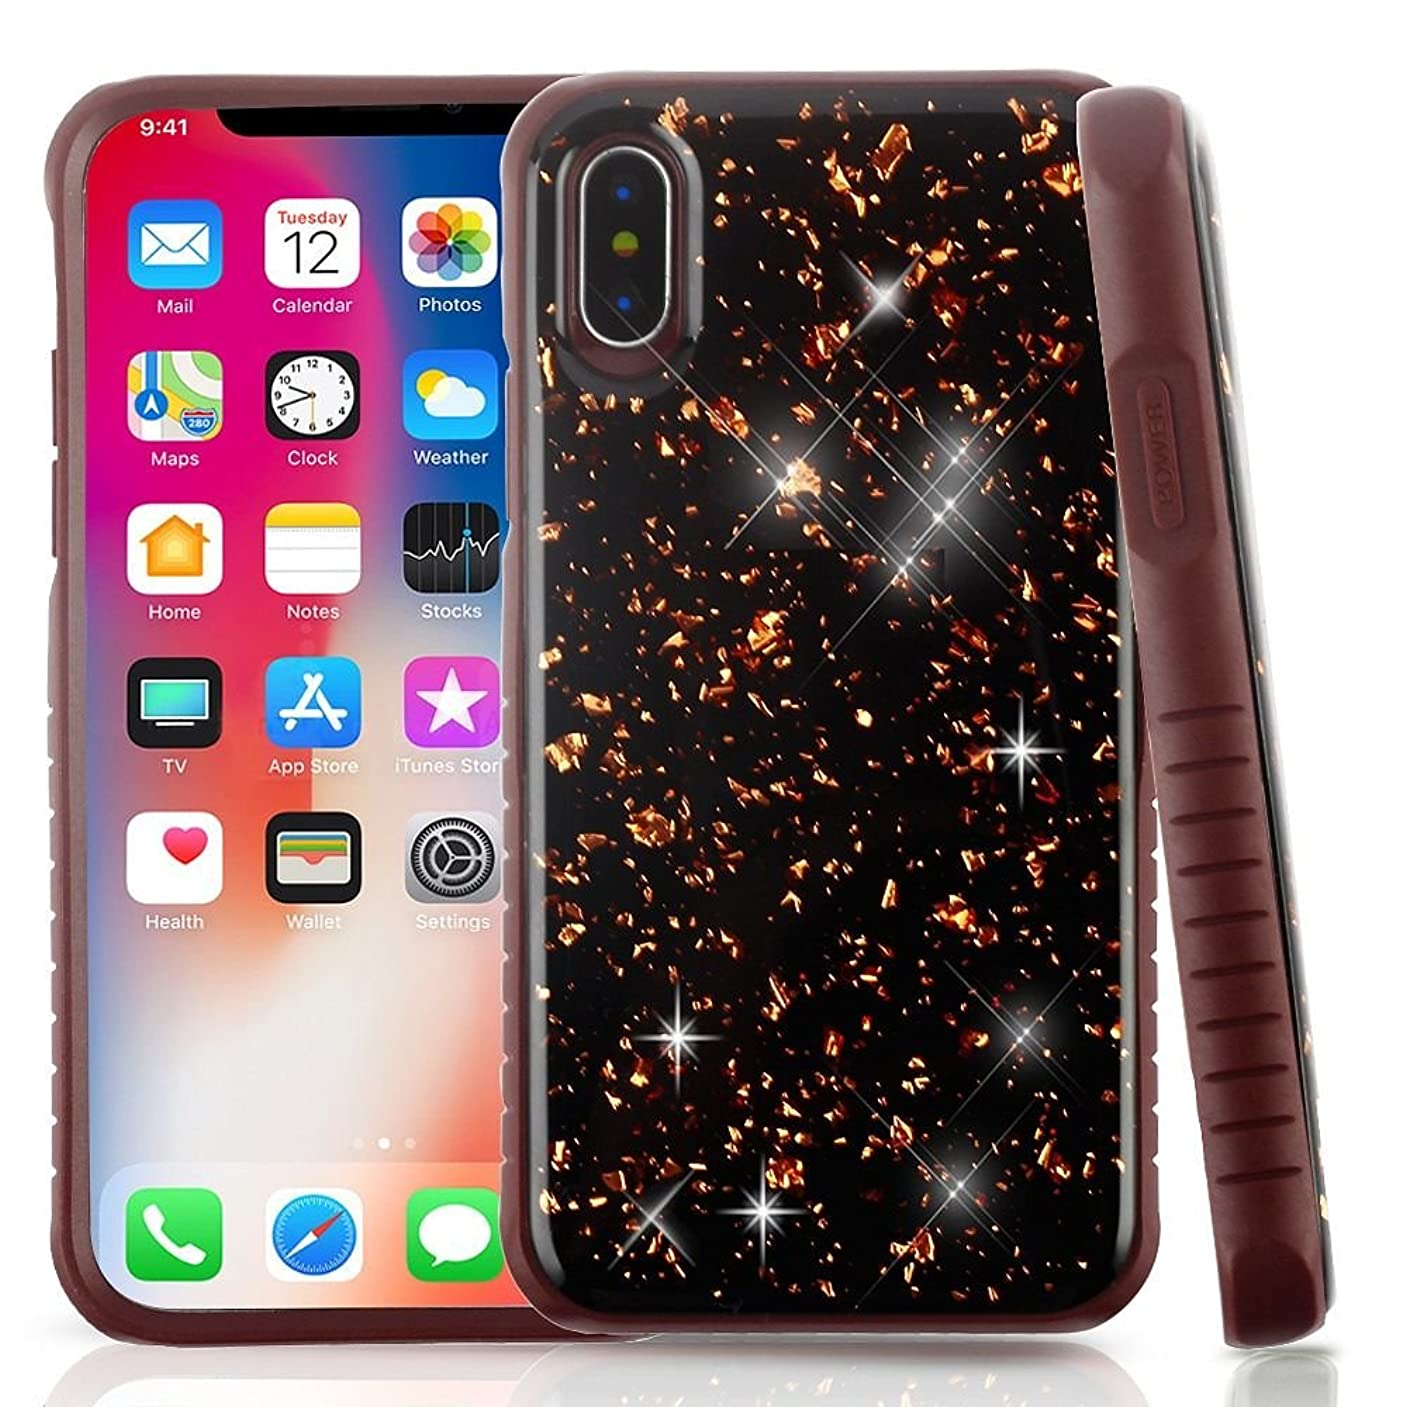 宝石空白サンドイッチiPhone xケース、MYBAT Flakesデュアルレイヤ[衝撃吸収]保護ハイブリッドPC / TPUラバーケースカバーfor Apple iPhone X 2399658